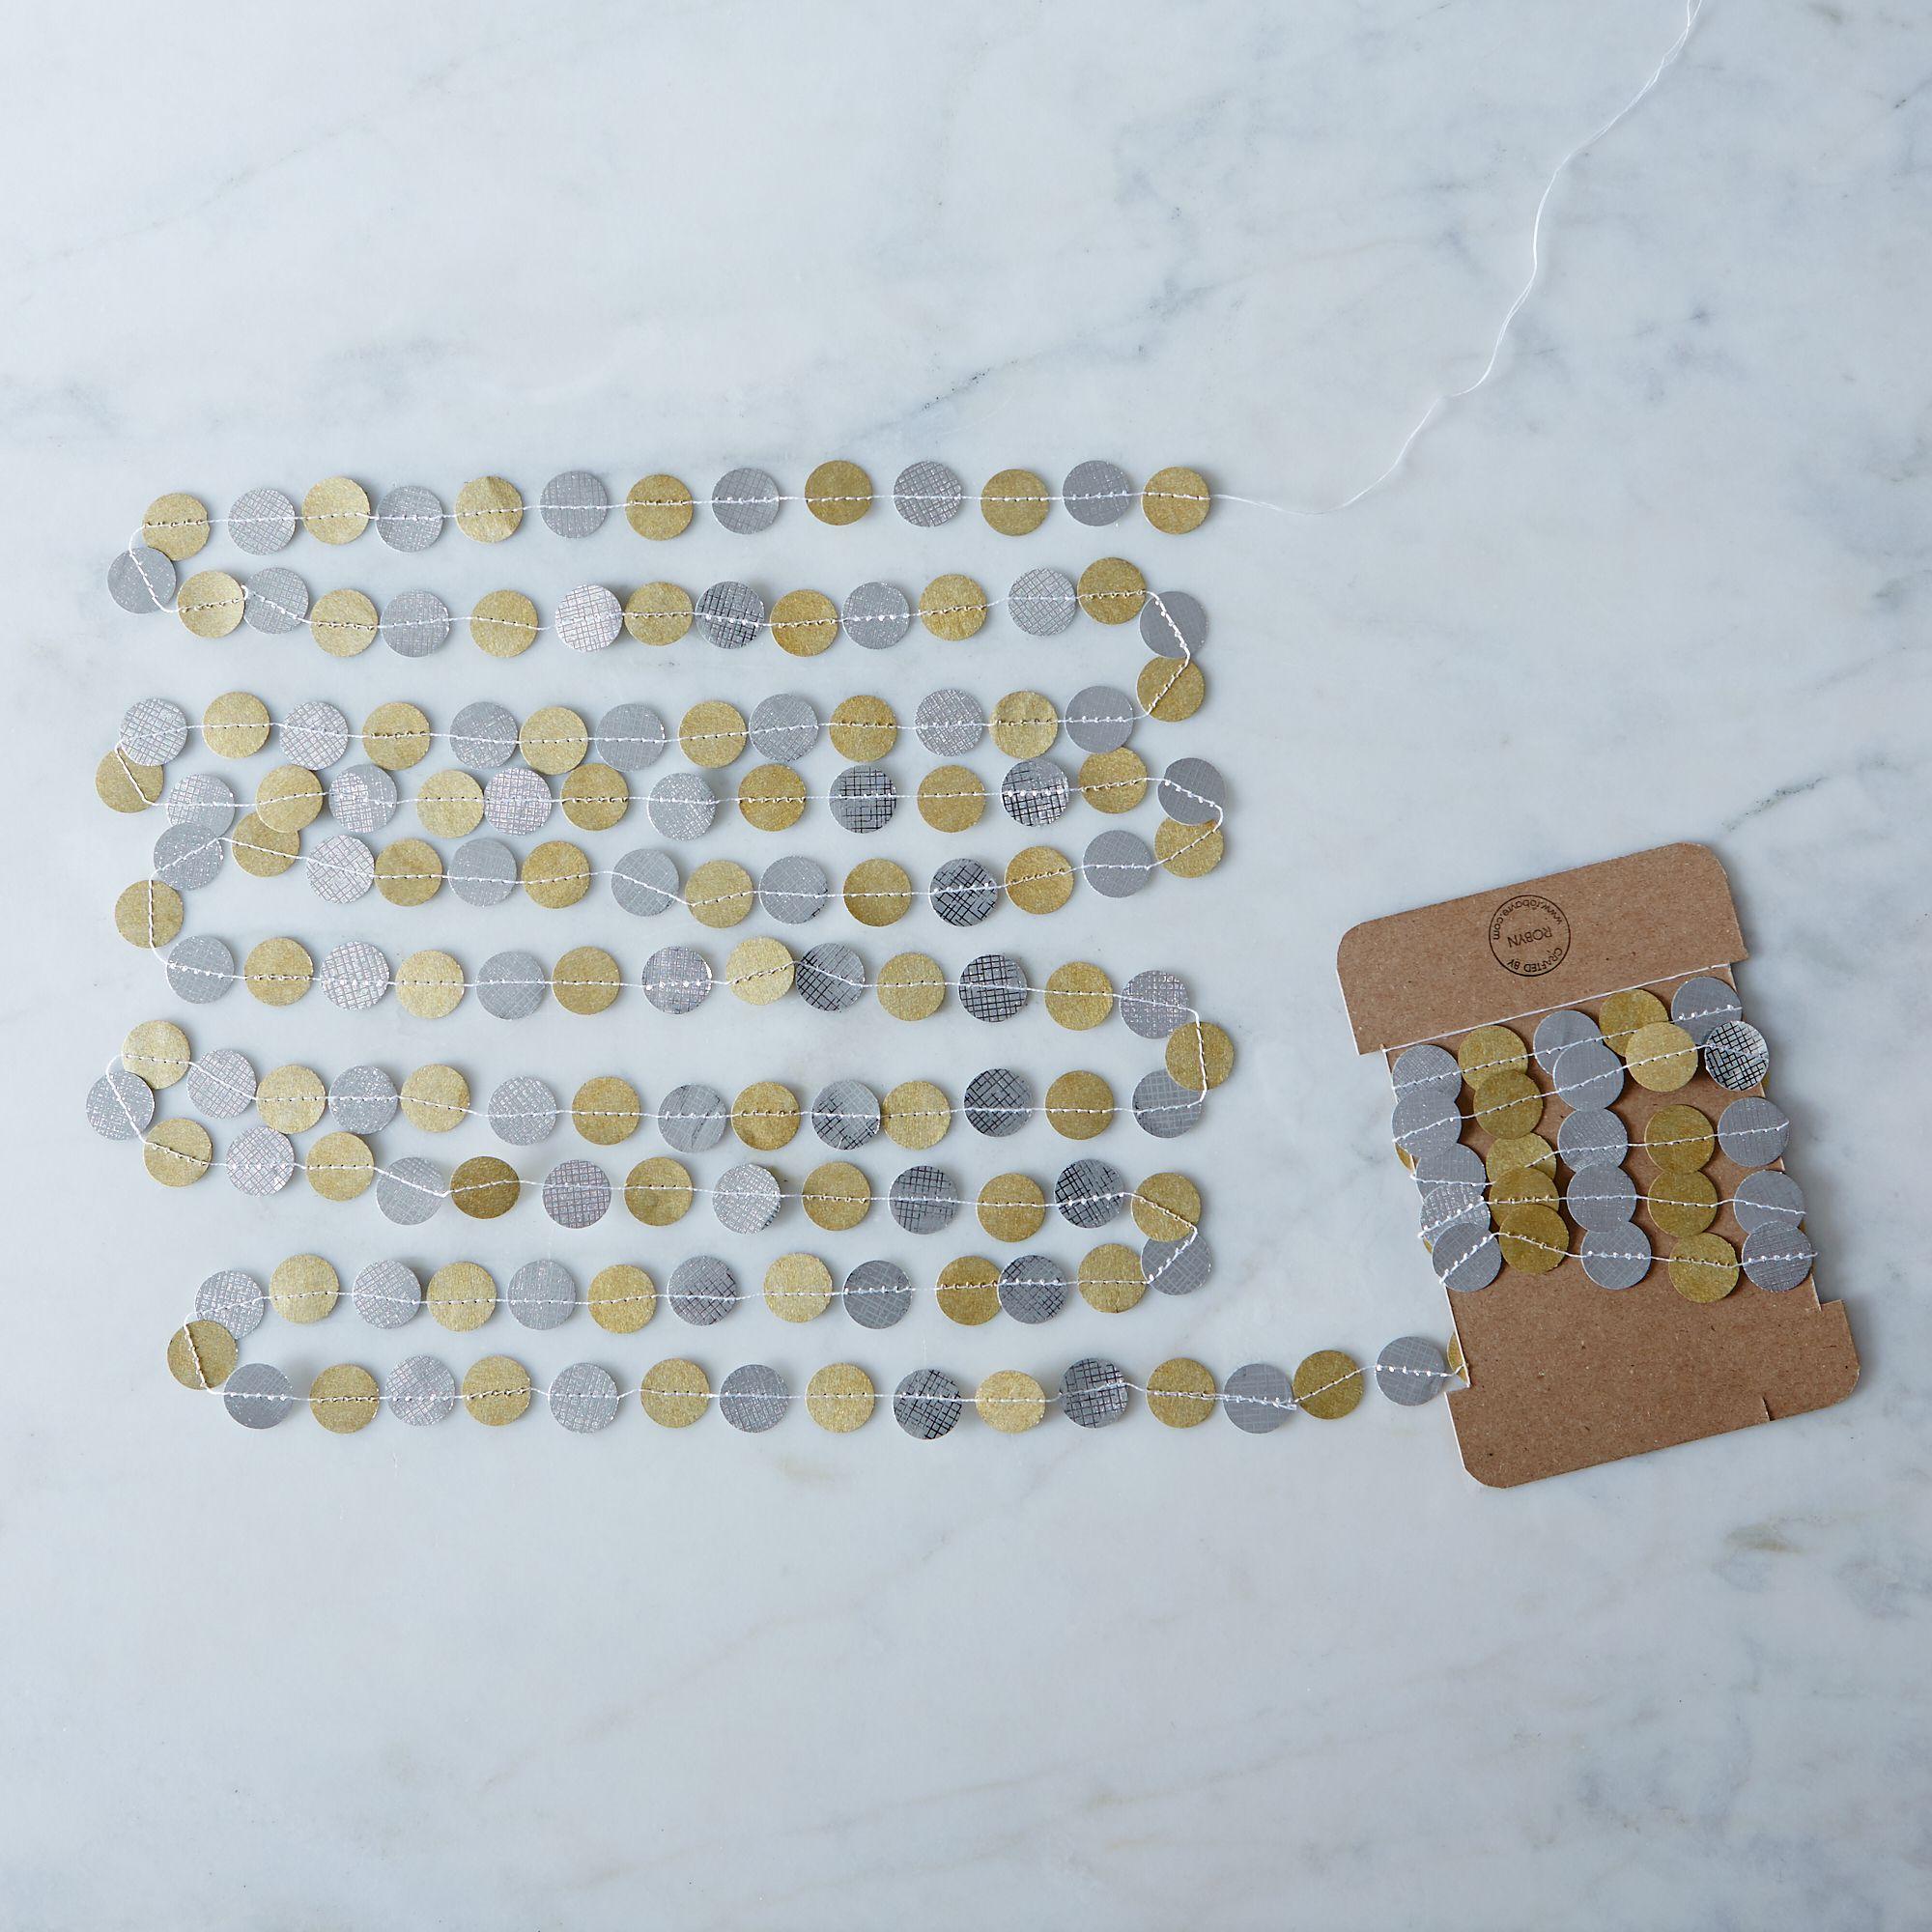 Fe5186f1 a389 4475 b6f7 1f3d56eda540  robayre gold silver garland silo 0070 provisions mark weinberg